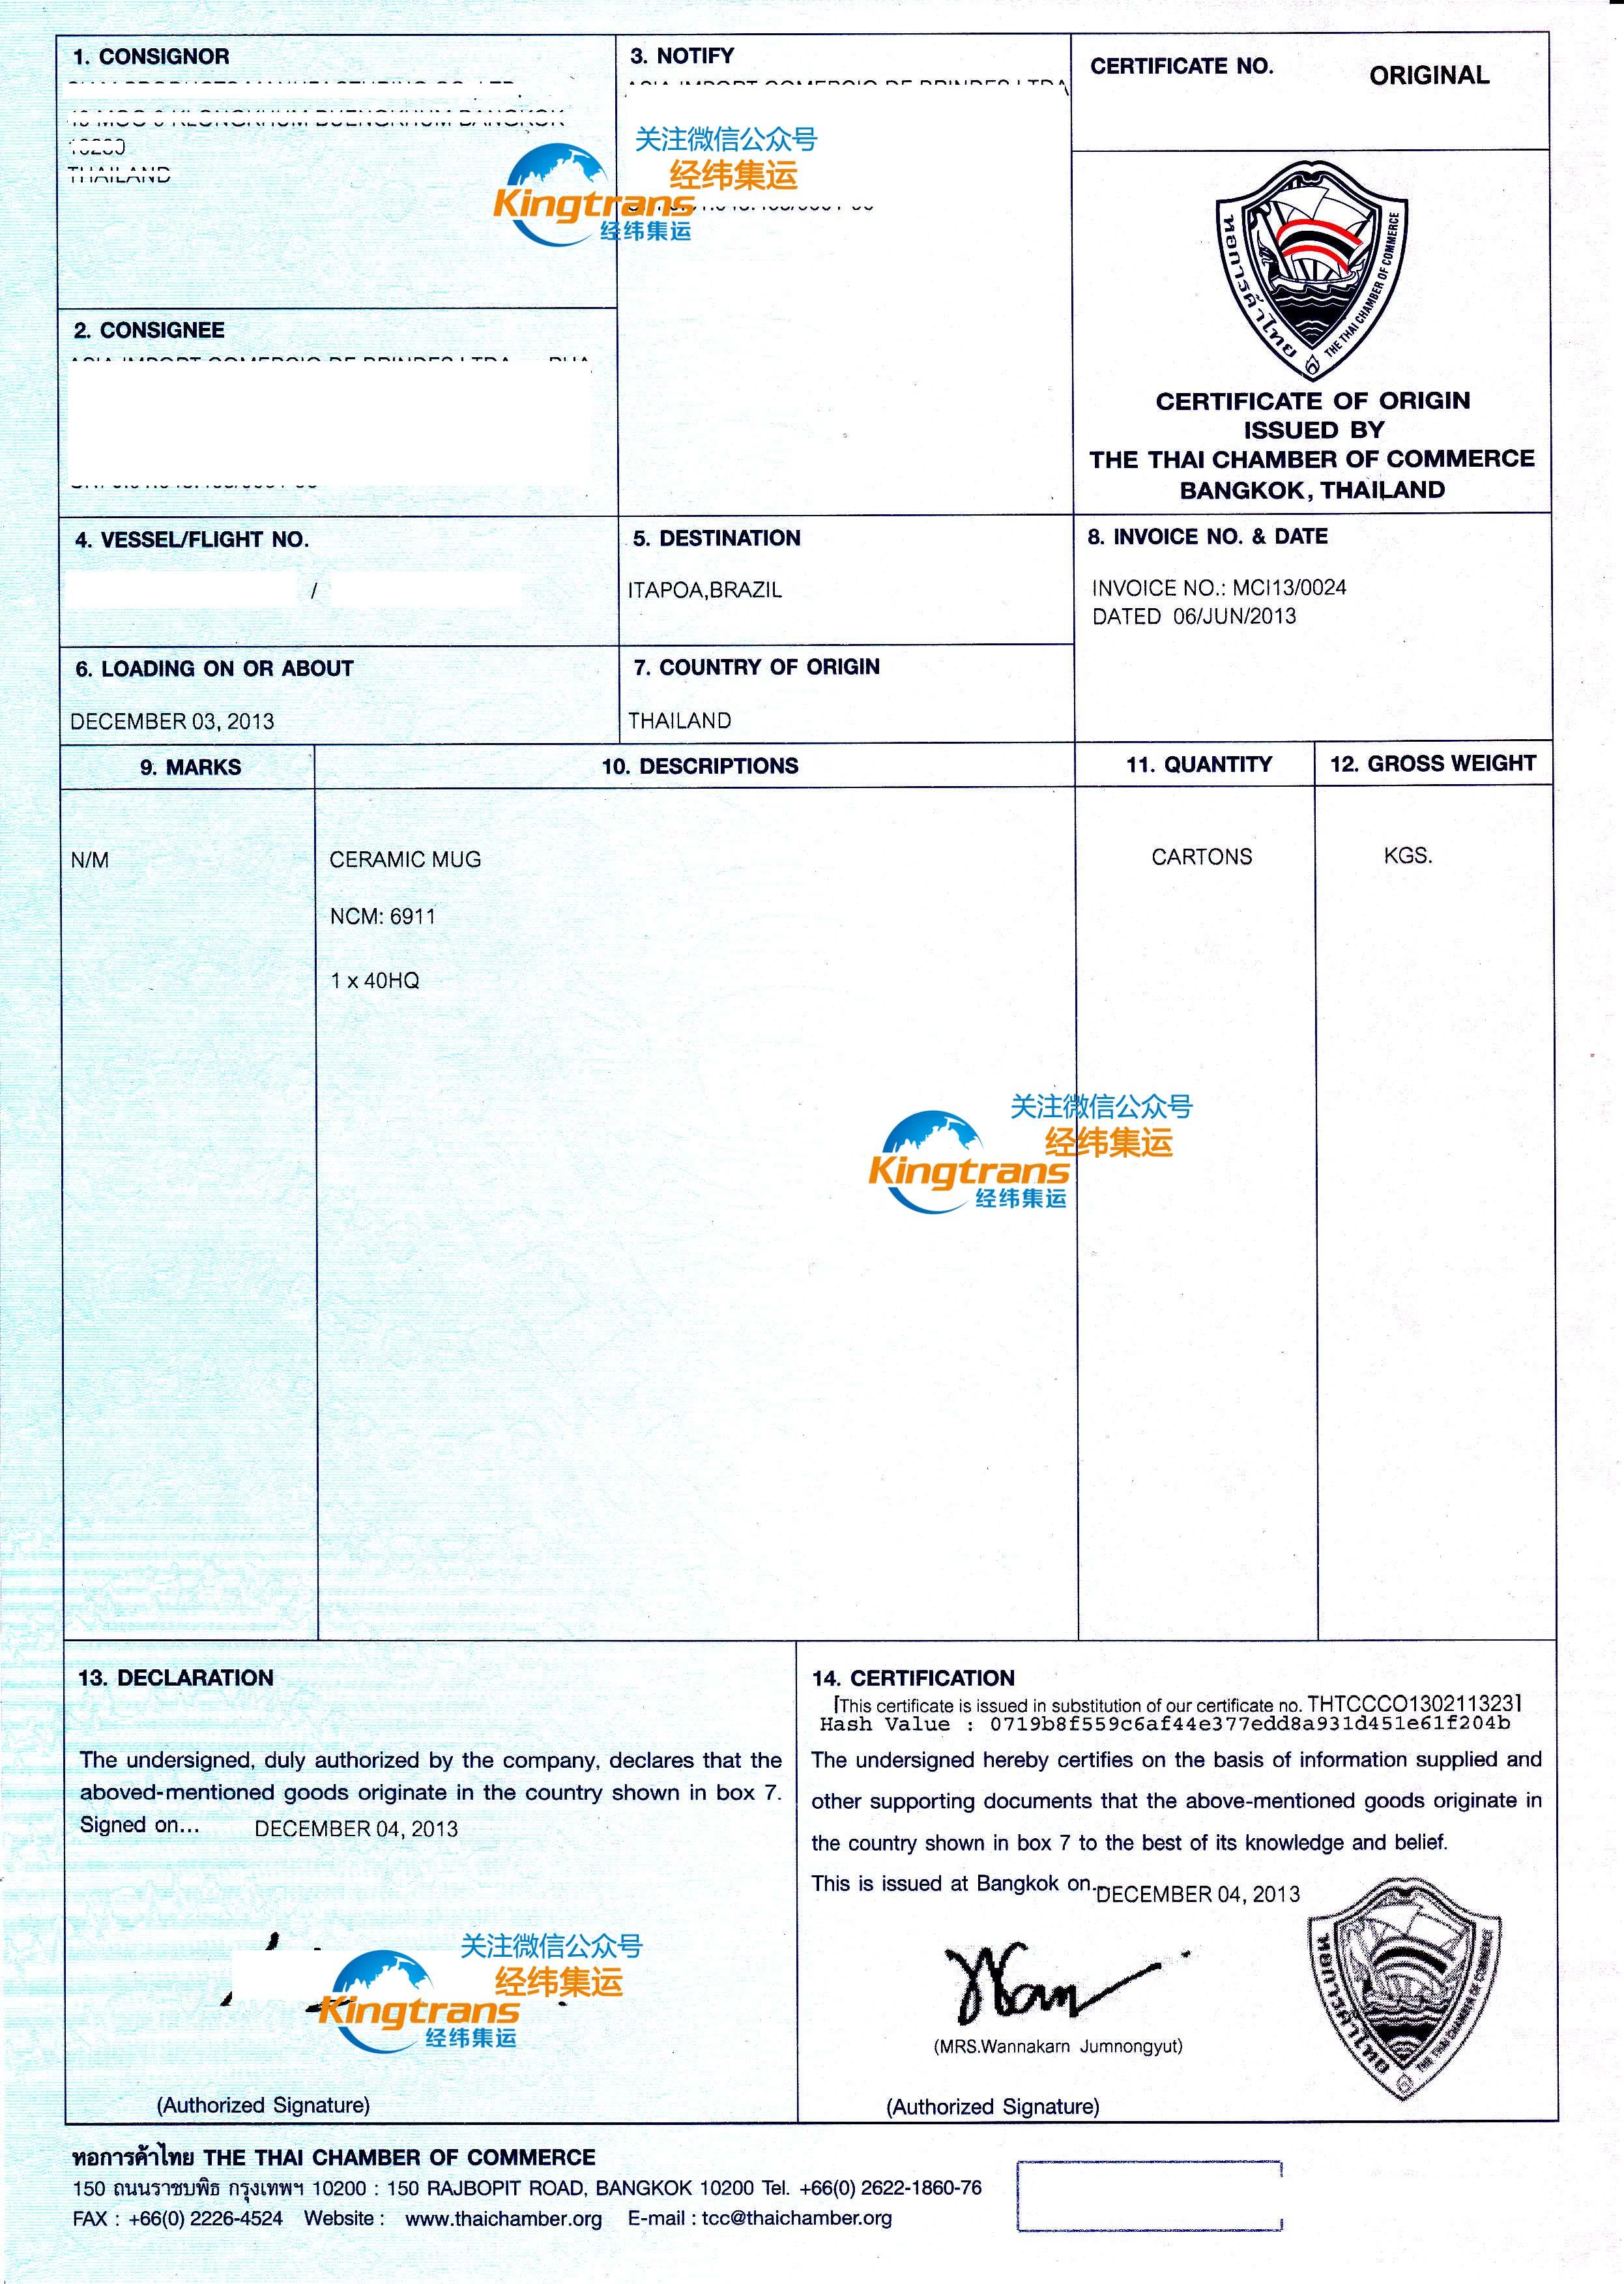 日用陶瓷反倾销泰国转口巴西大使馆加签解决案例2013